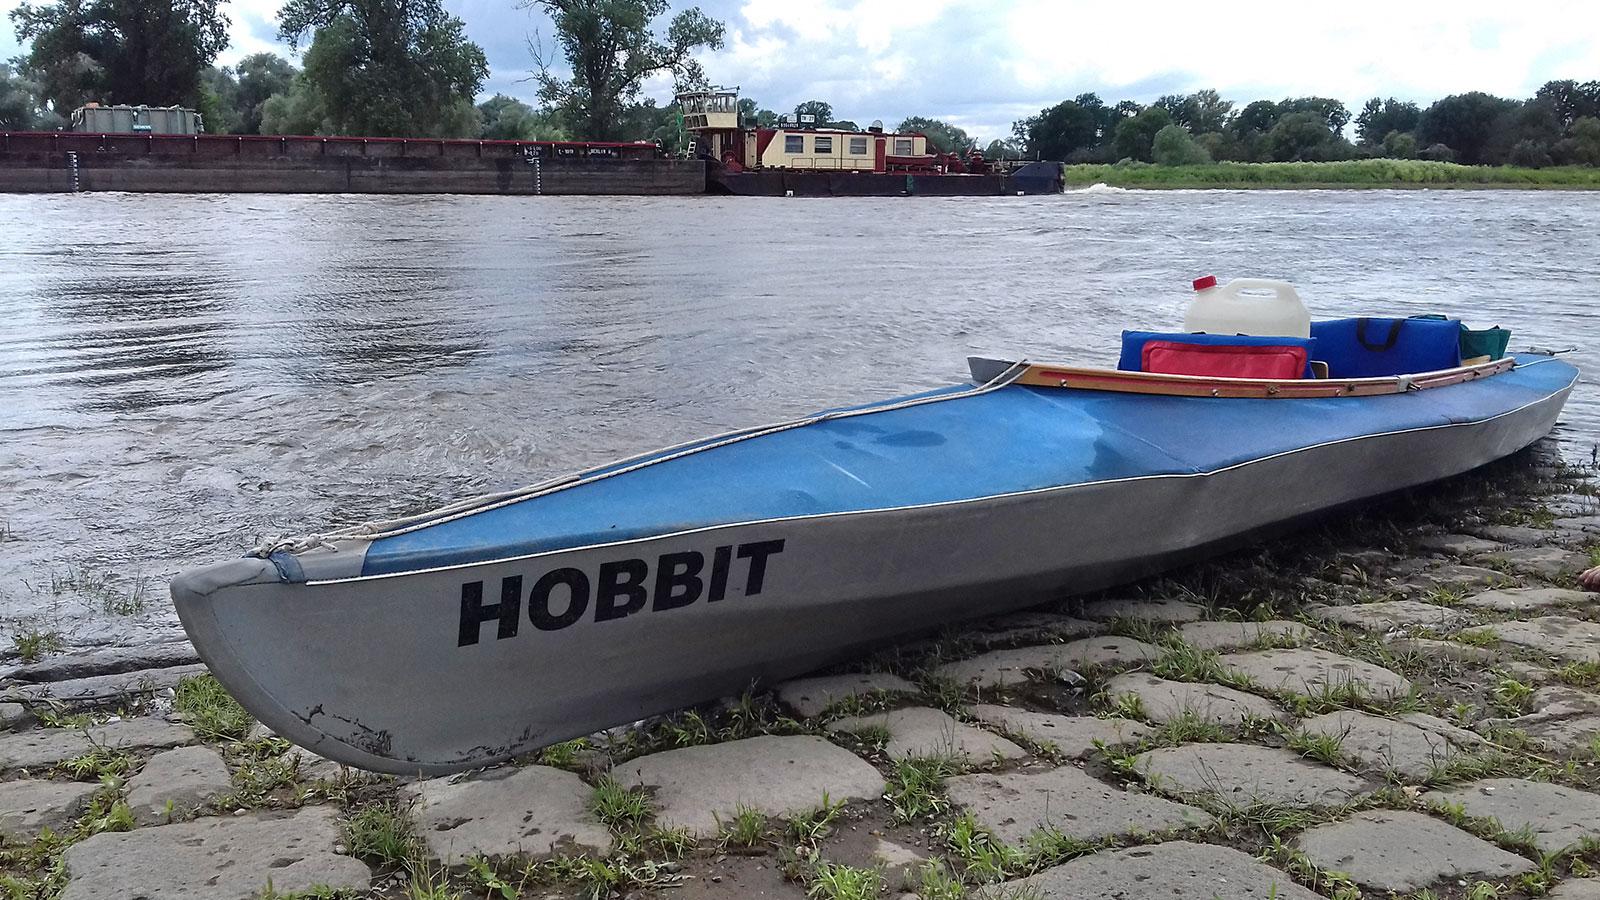 Hobbits letzte Reise: Paddeln auf der Elbe (Foto: Monika/Dietrich Schild)